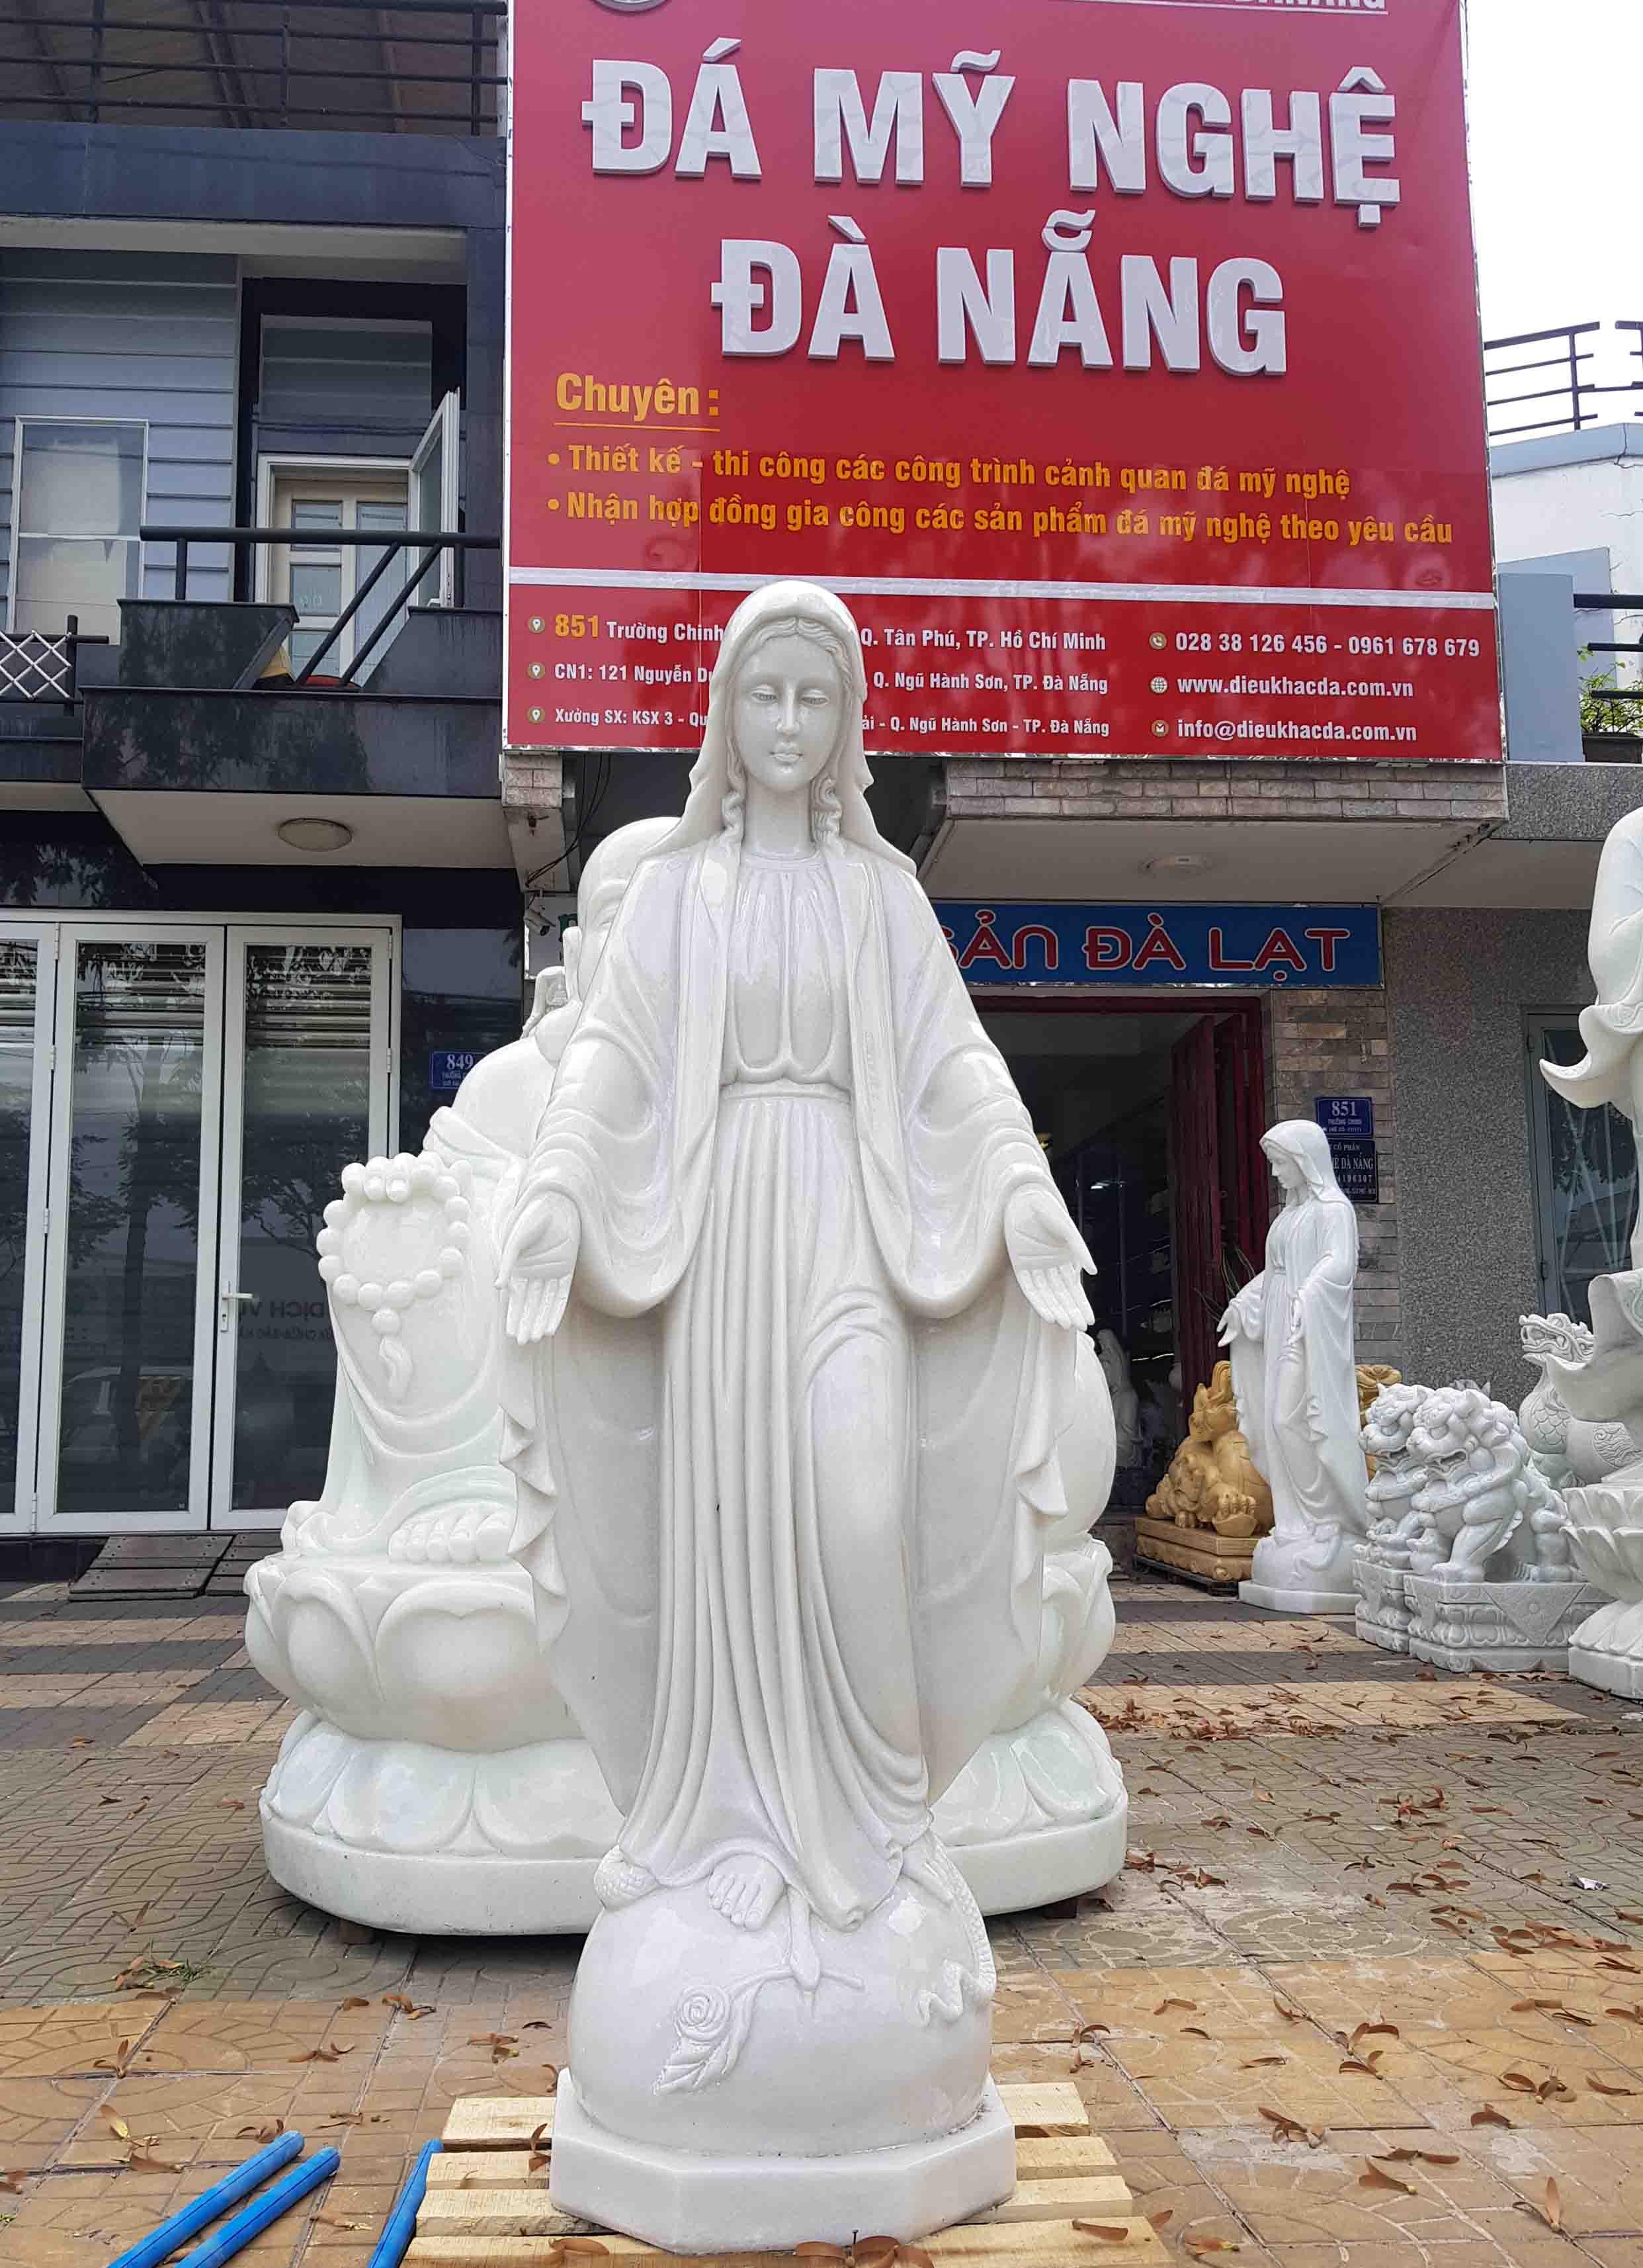 Đá Mỹ Nghệ Đà Nẵng 002